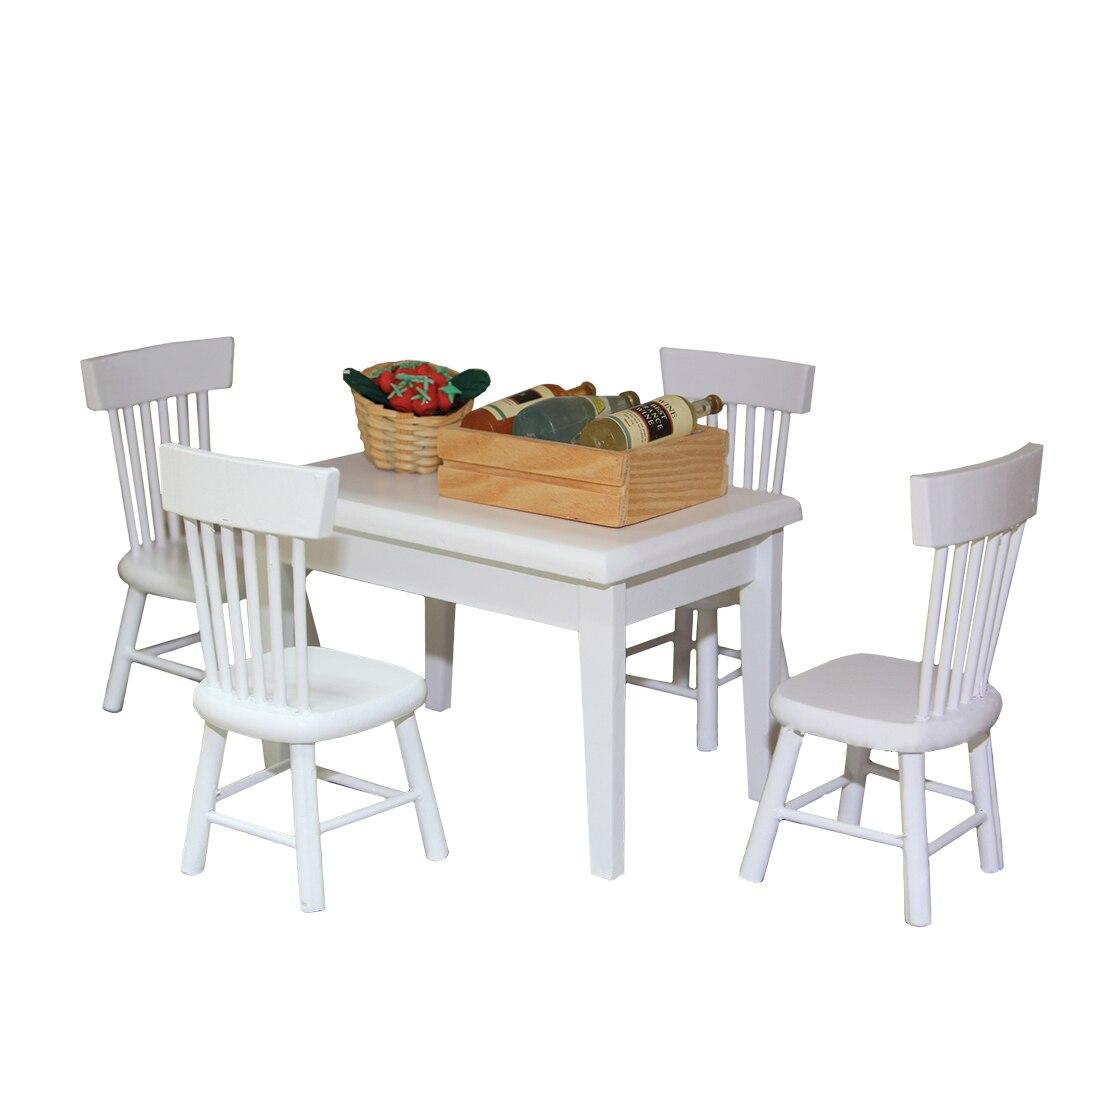 1:12 Berken Kinderen Diy Play & Pretend Speelgoed Eettafel En Stoel Set Voor Kid Spelen Keuken Kits Onderwijs Speelgoed Voor Kids